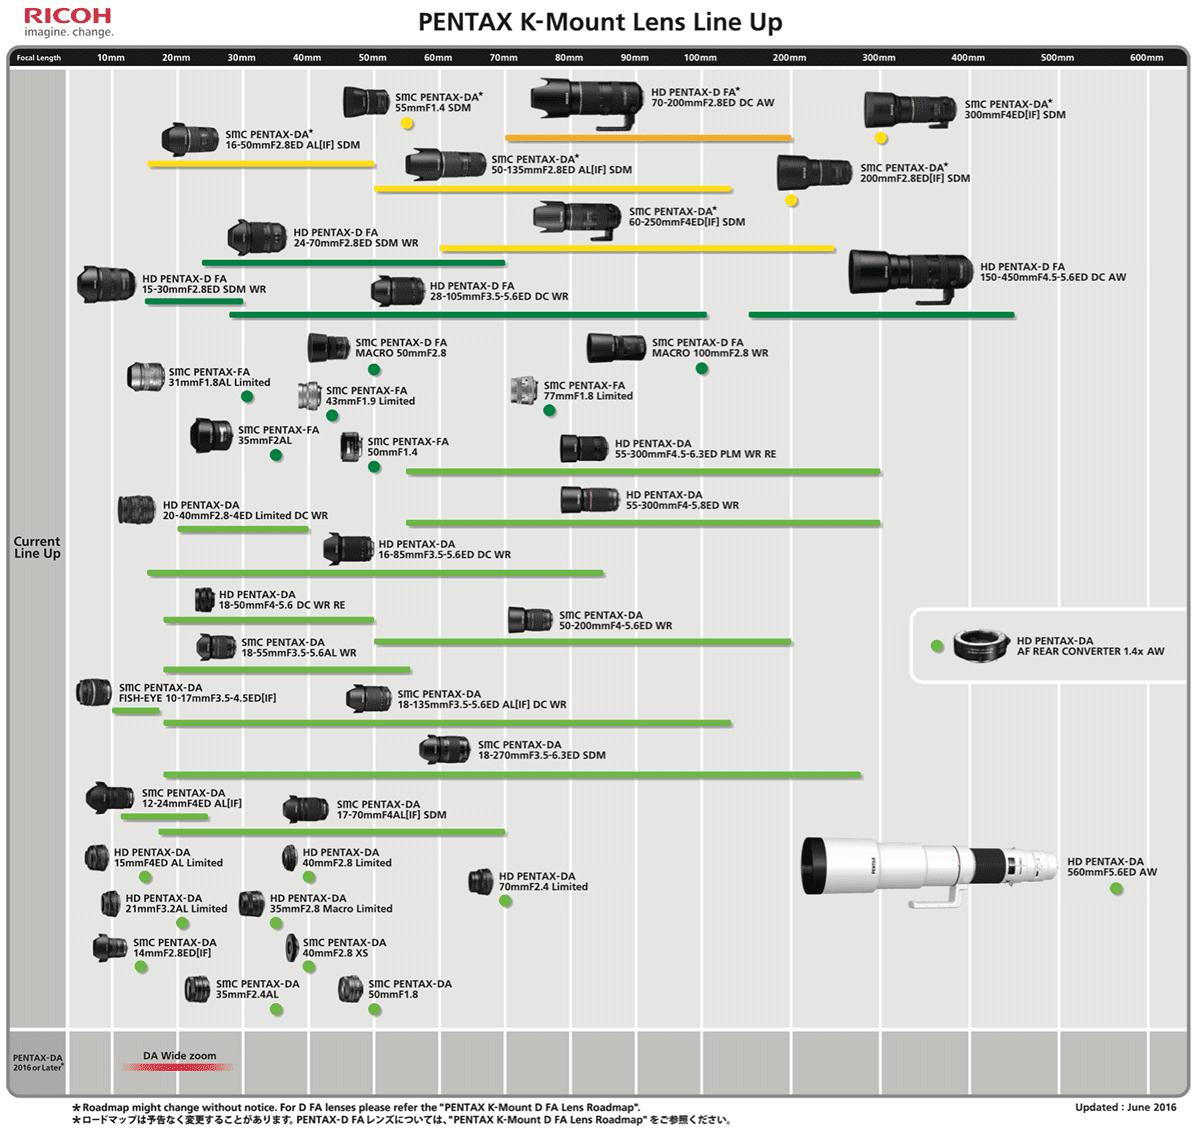 График выхода объективов для фотоаппаратов Pentax K